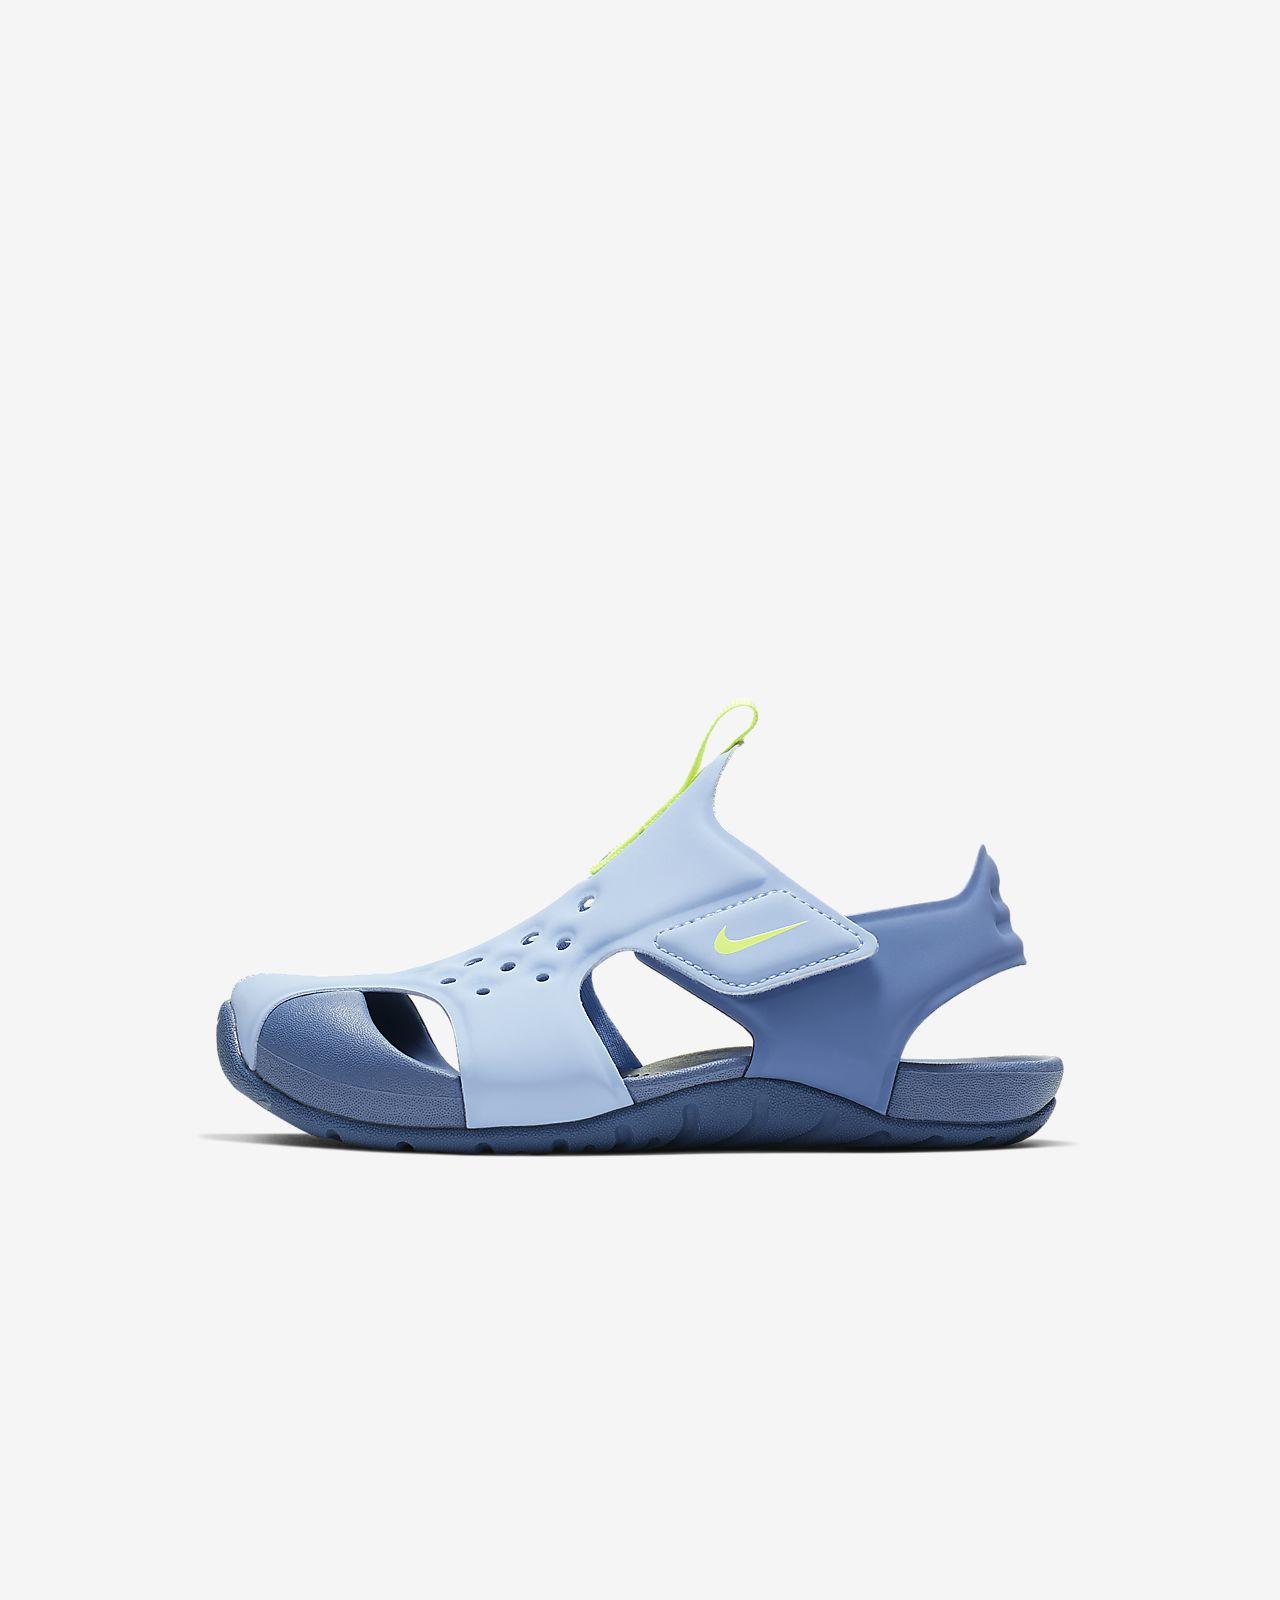 f4af66703d Nike Sunray Protect 2 Sandalias - Niño a pequeño a. Nike.com ES